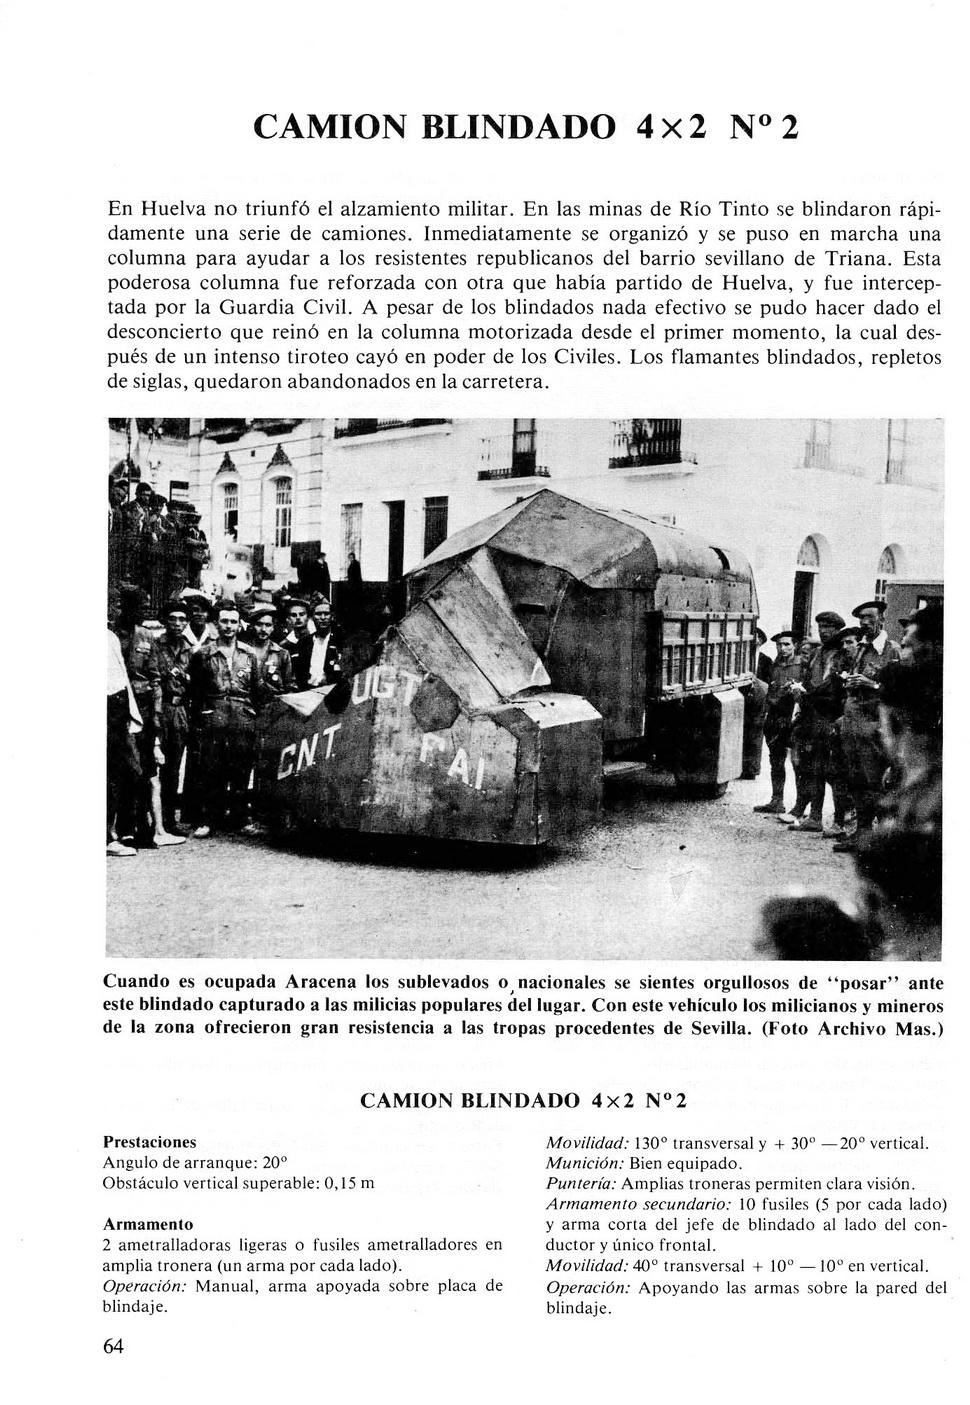 Carros De Combate Y Vehiculos Blindados De La Guerra 1936 1939 [F.C.Albert 1980]_Страница_062.jpg